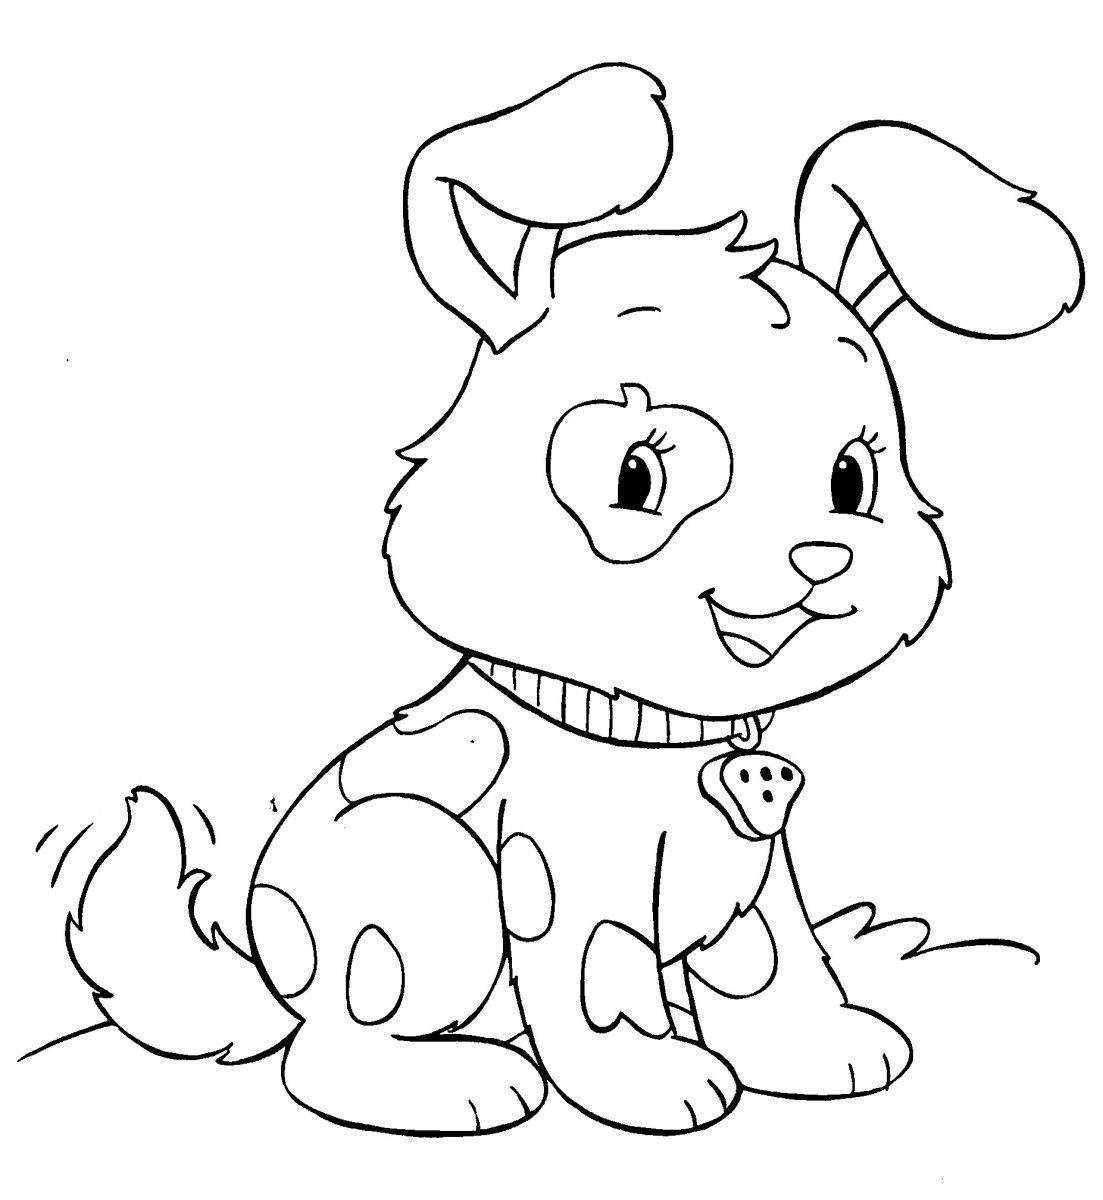 Imagenes | Dibujos de perro, Colorear y Dibujos de